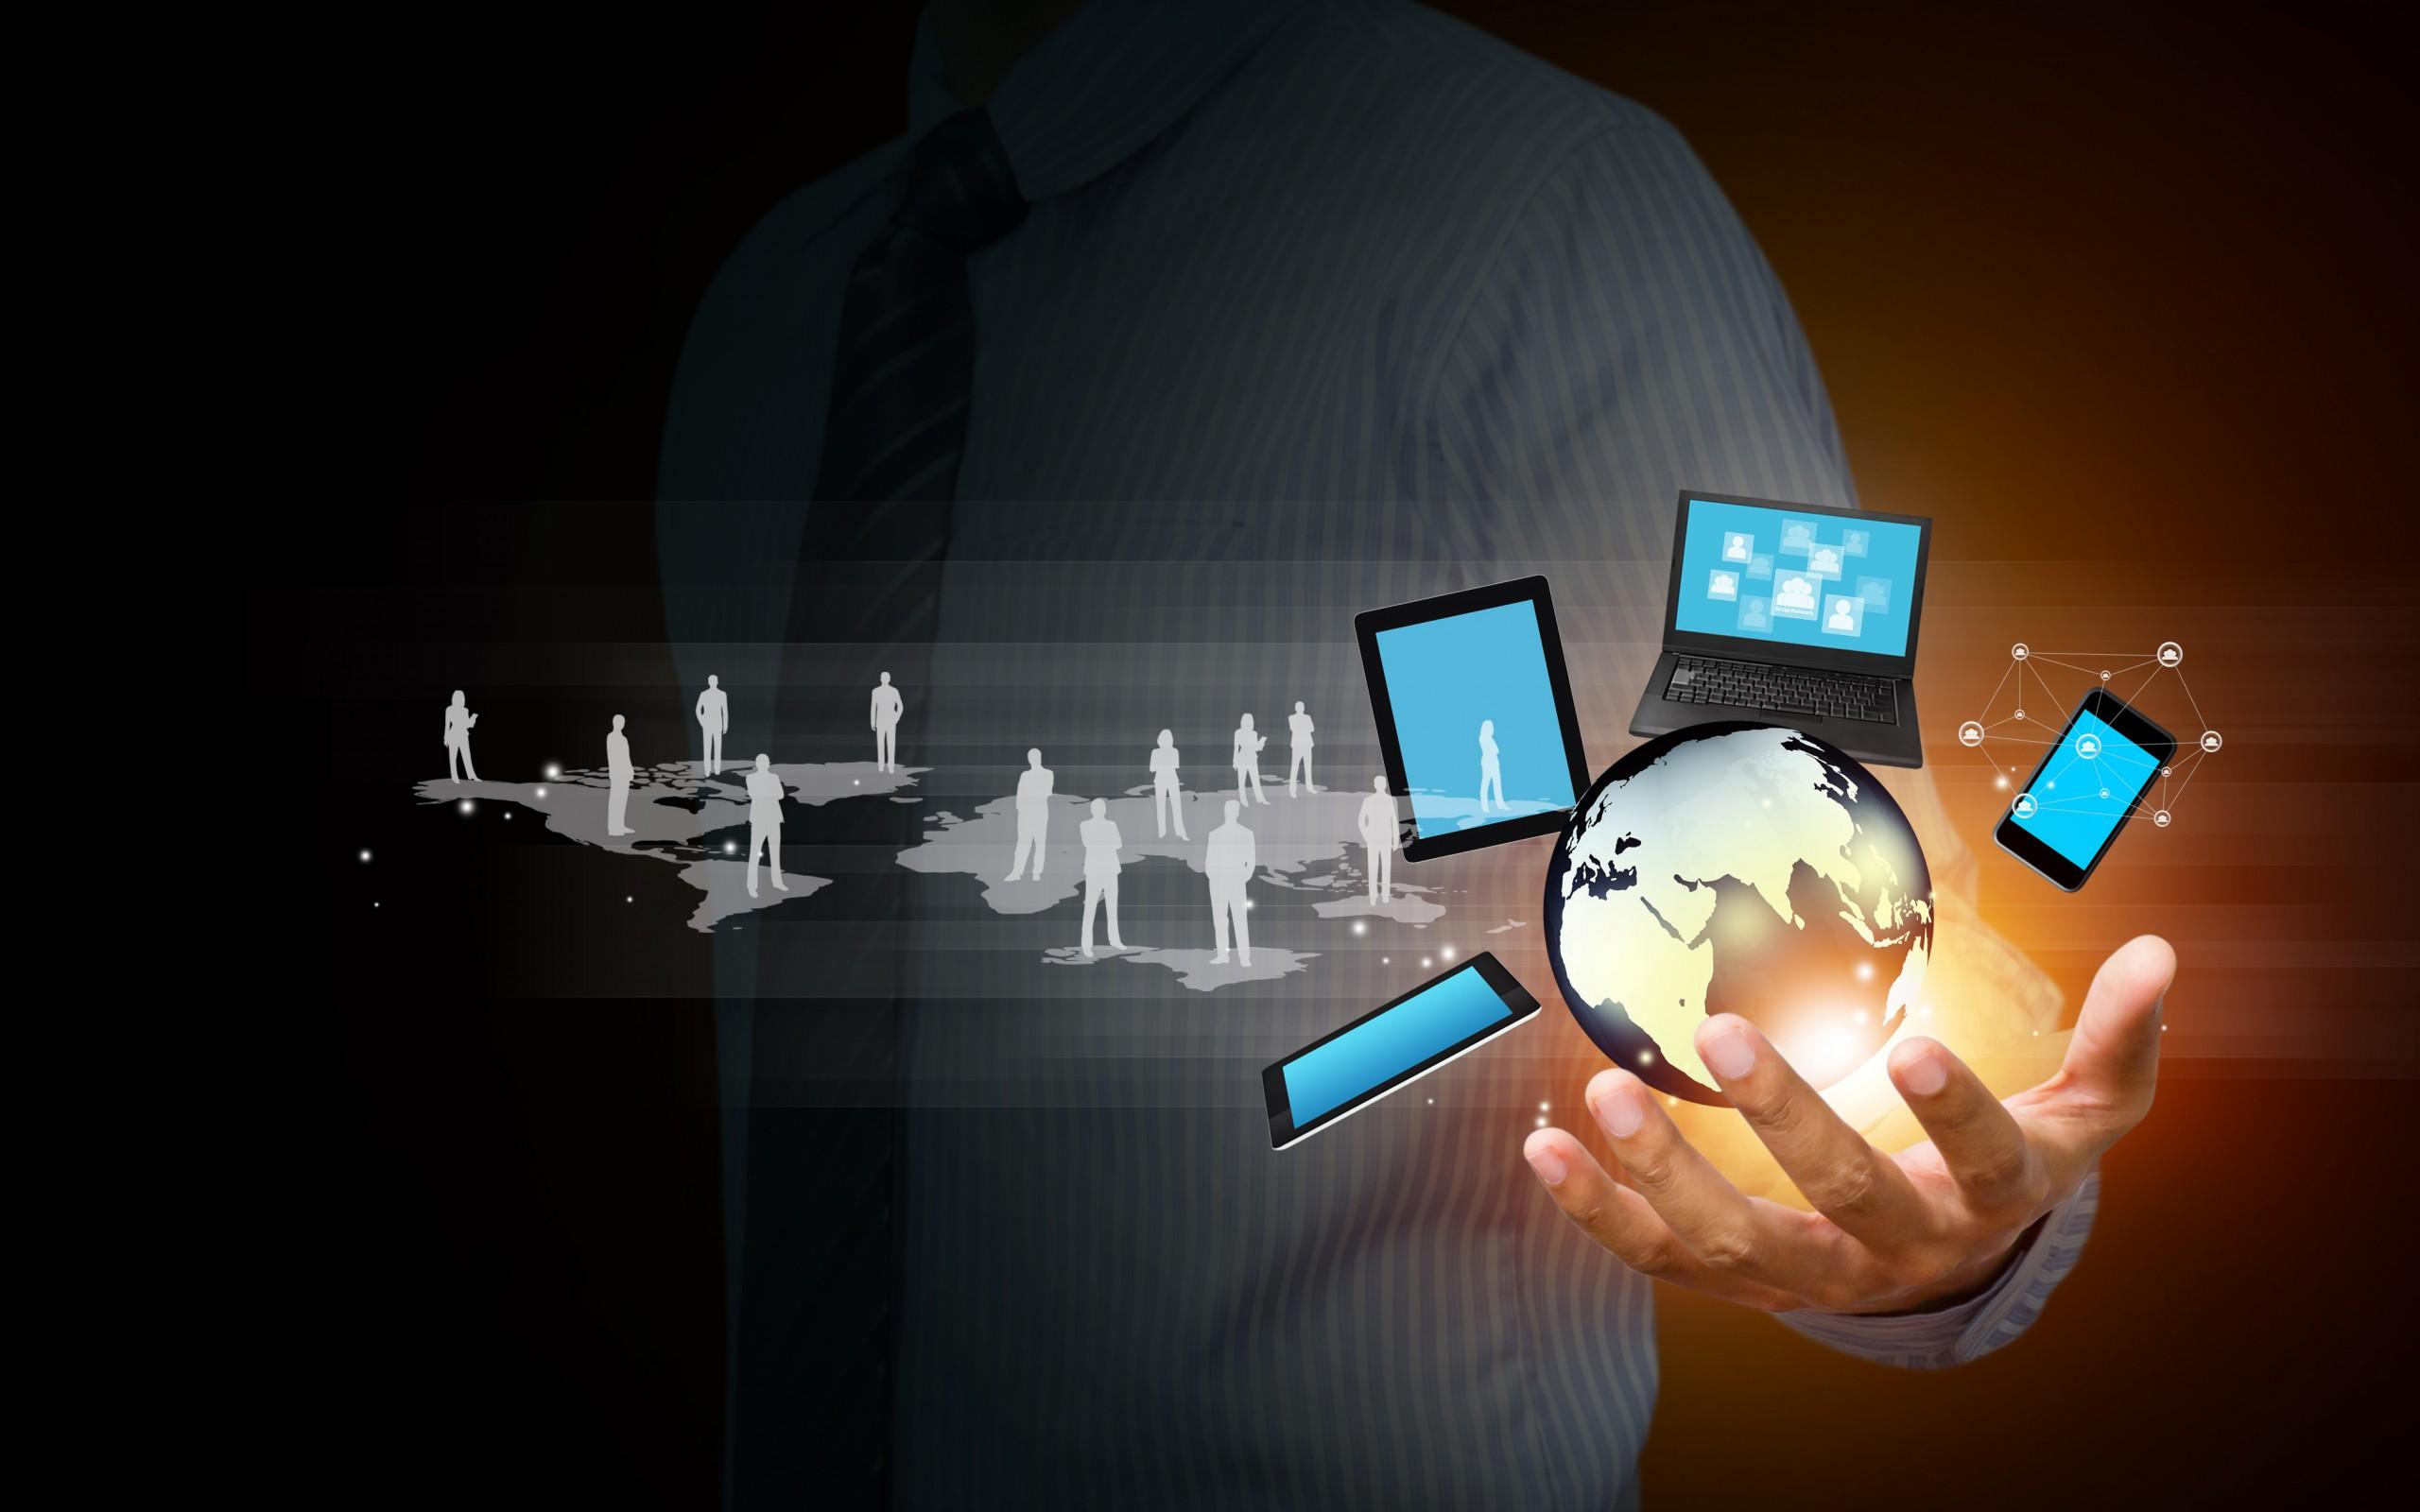 Information-Technology-Network-Hand-Business-Desktop-Wallpaper